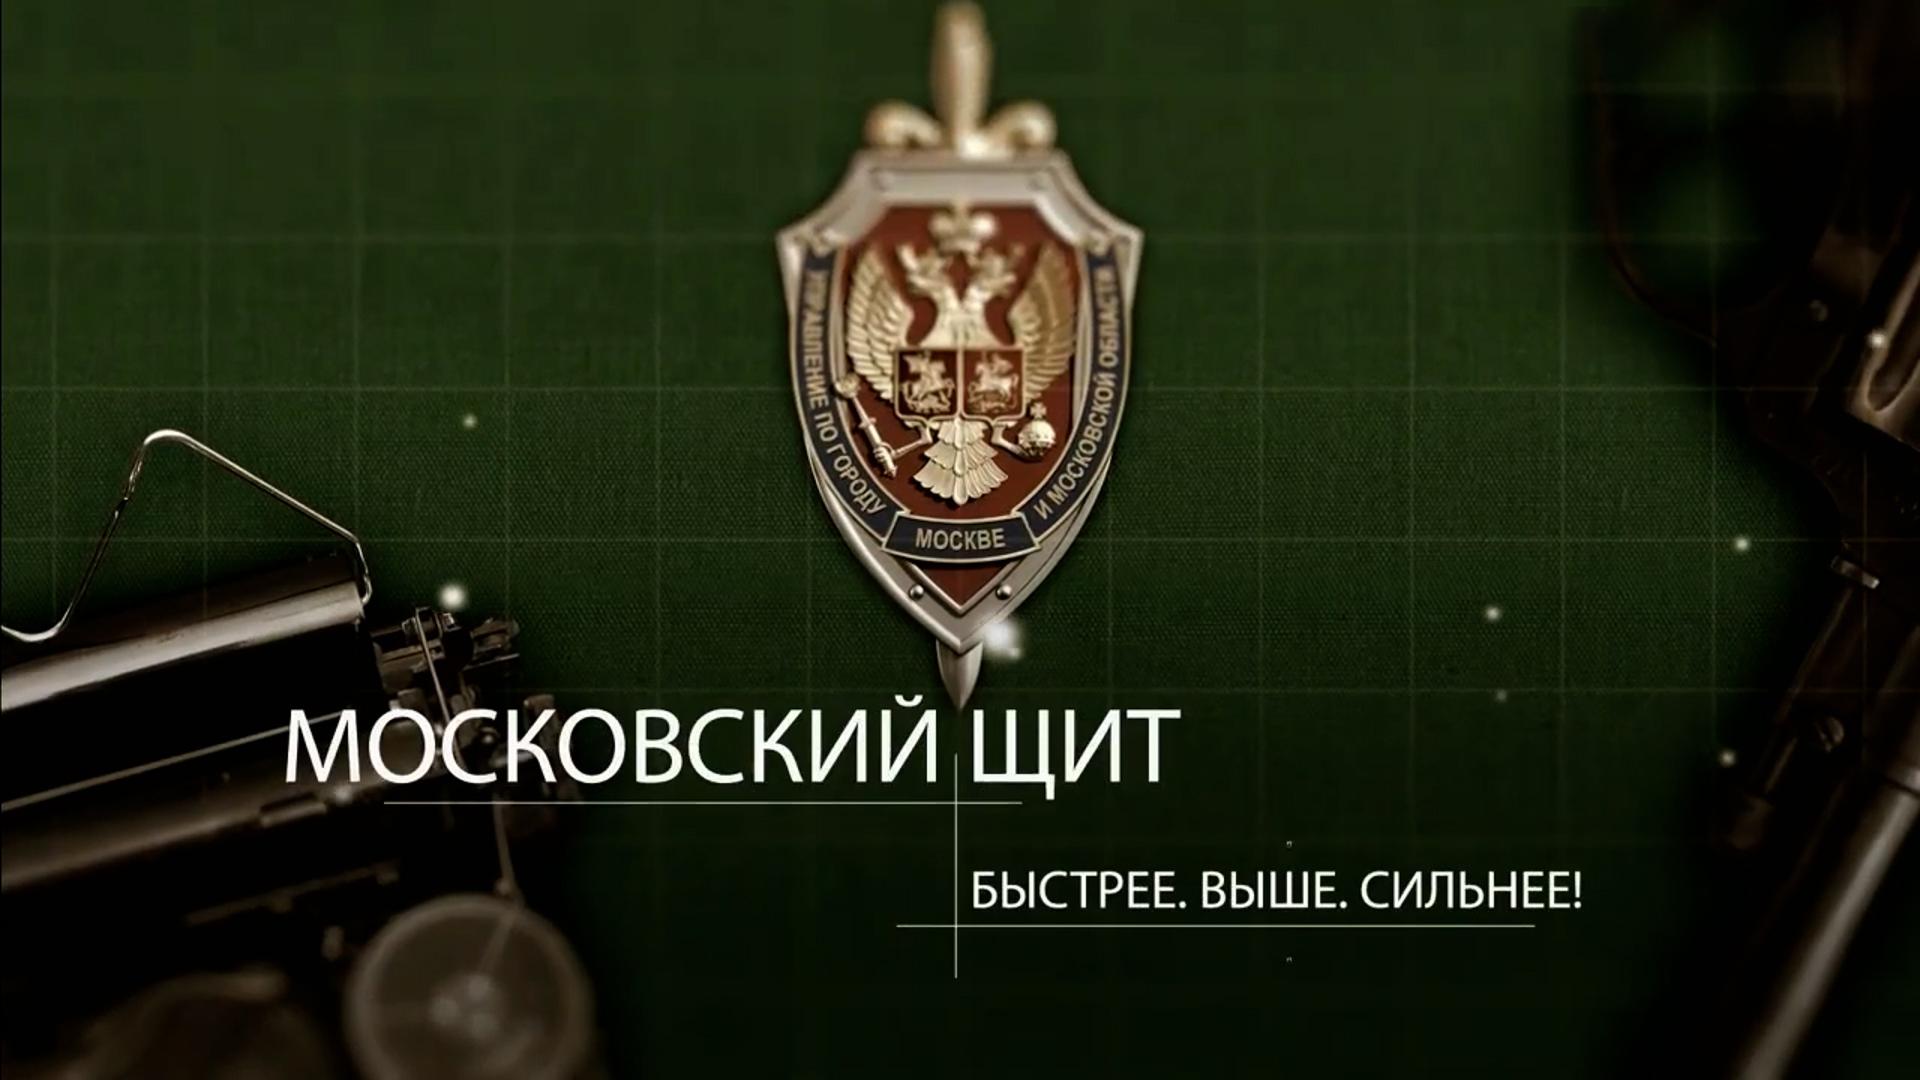 Московский щит. Быстрее. Выше. Сильнее